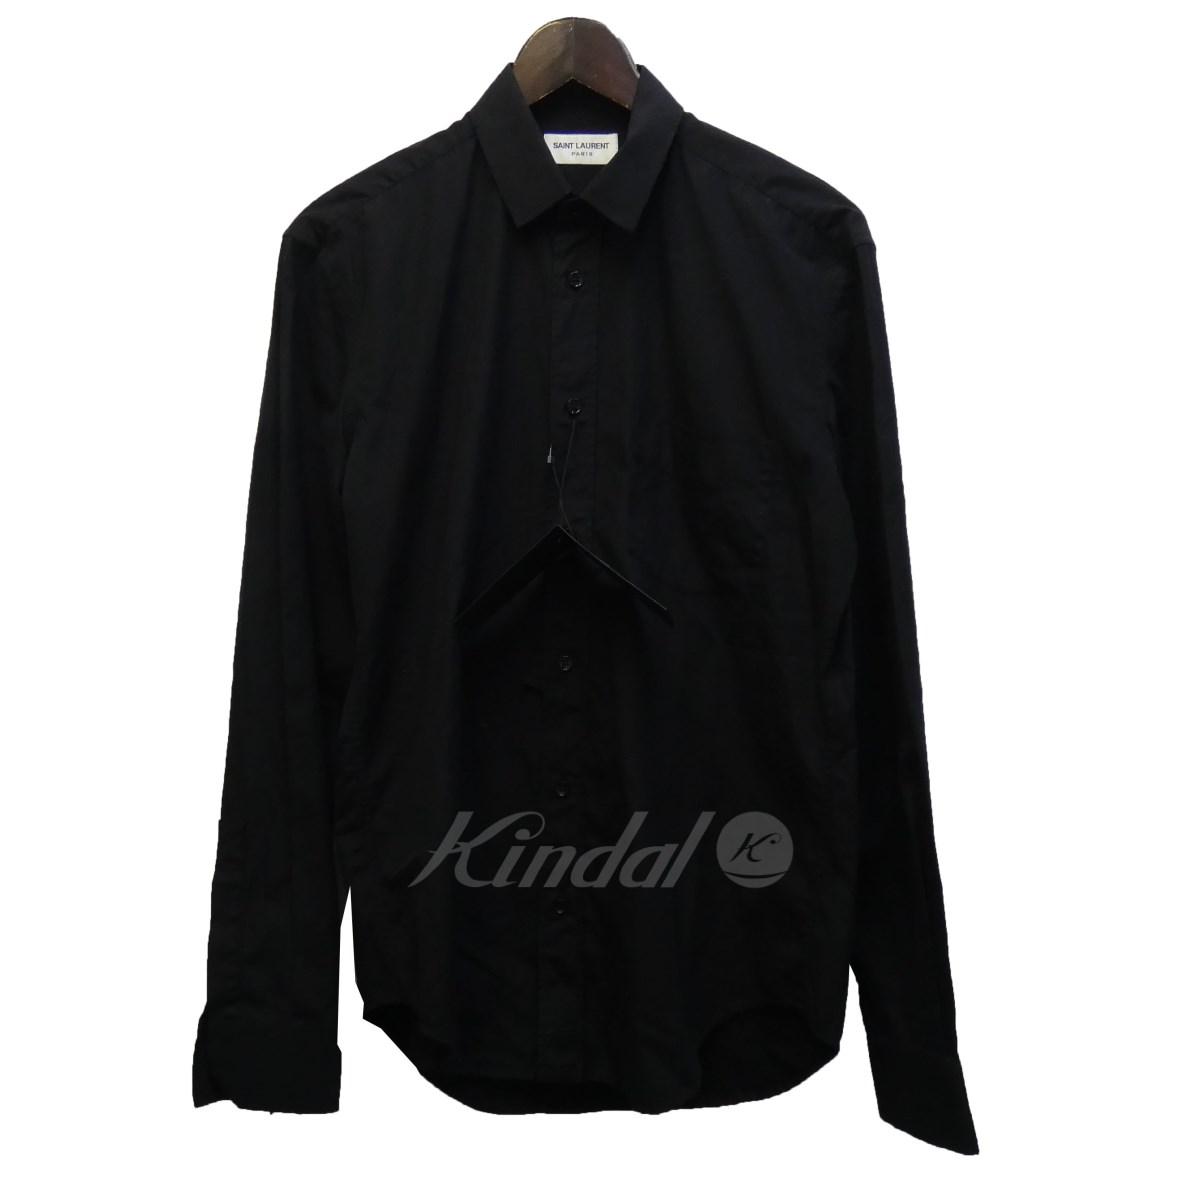 【中古】SAINT LAURENT PARIS 16SS 411620 ダメージ加工シャツ ブラック サイズ:37 【110519】(サンローランパリ)